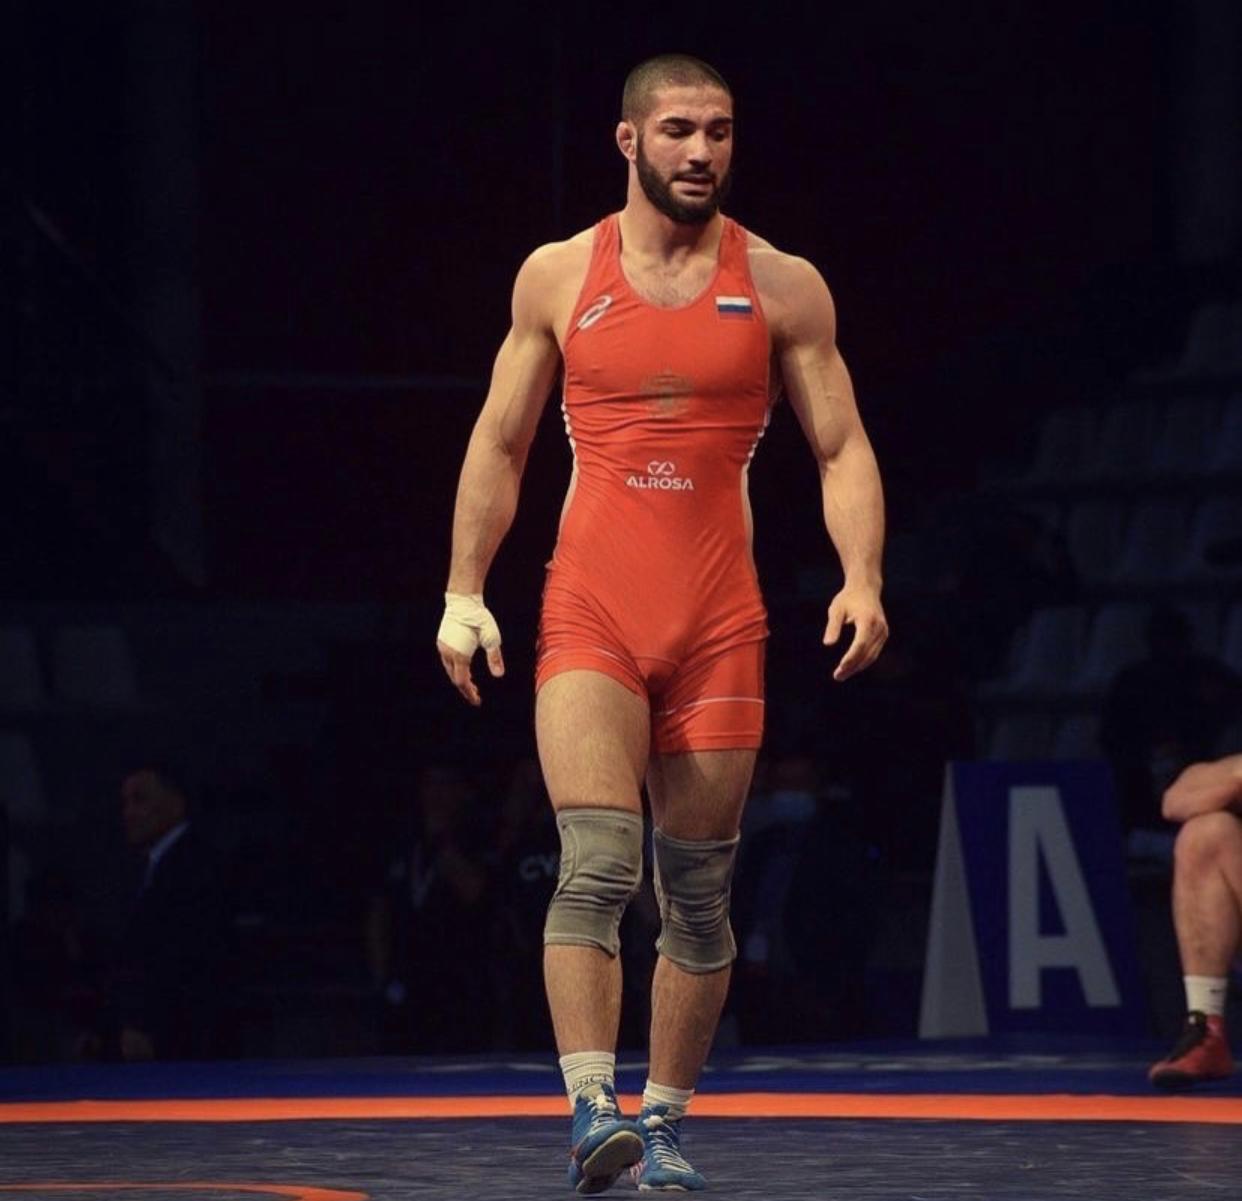 Асланбек Сотиев стал победителем первенства Европы по вольной борьбе U23